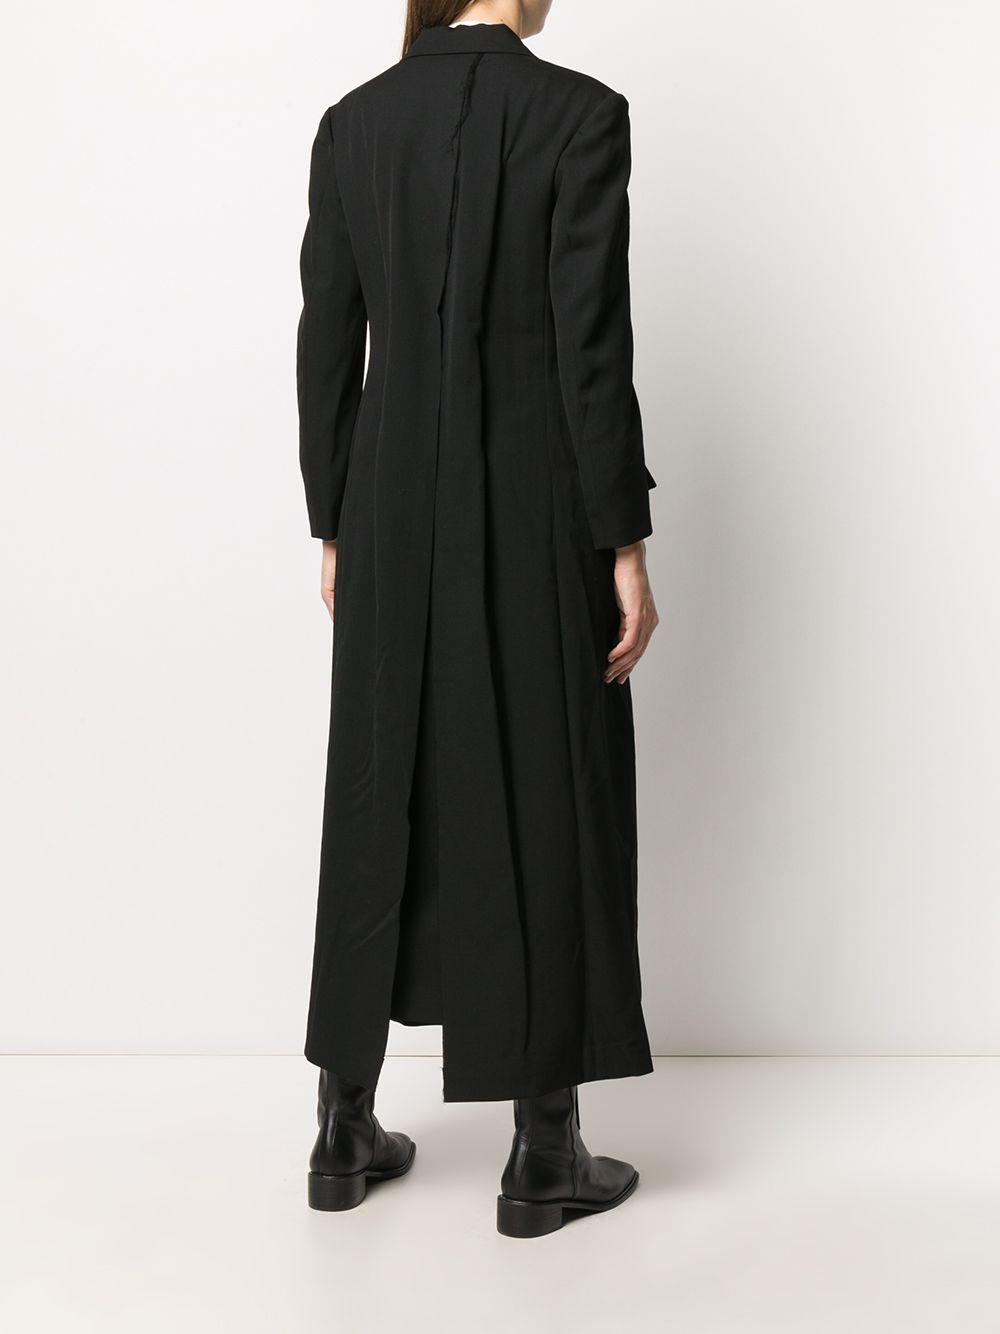 Cappotto lungo monopetto YOHJI YAMAMOTO | Cappotto | FR-C01-1011